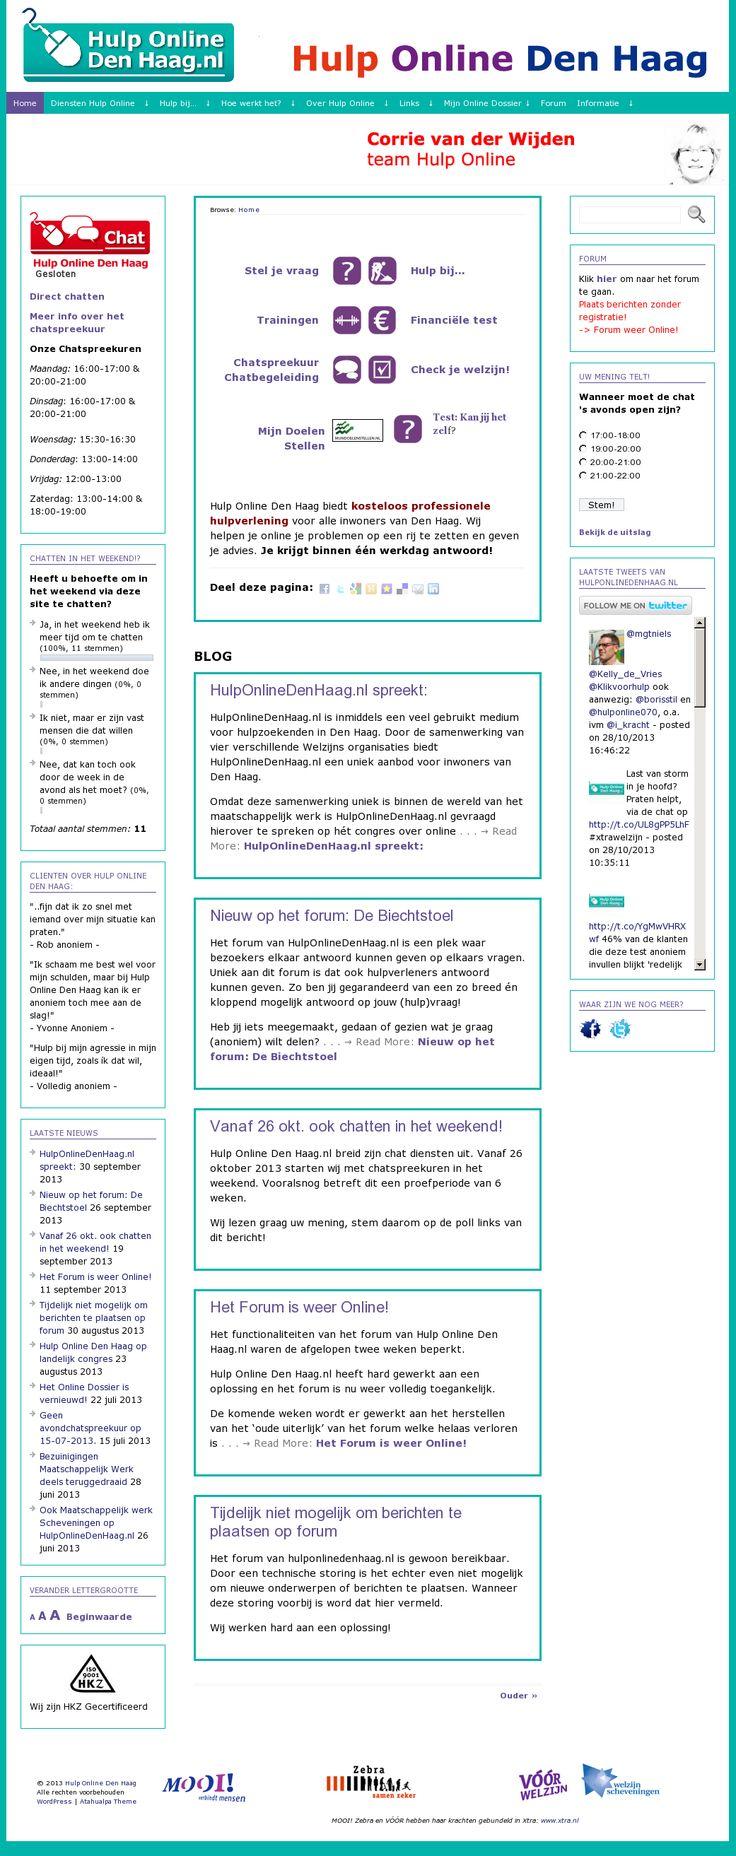 Hulp online den haag - hulp aan de klant staat (letterlijk) centraal. verschillende mogelijkheden om je vraag te stellen of om hulp te vragen. (via nathalie)